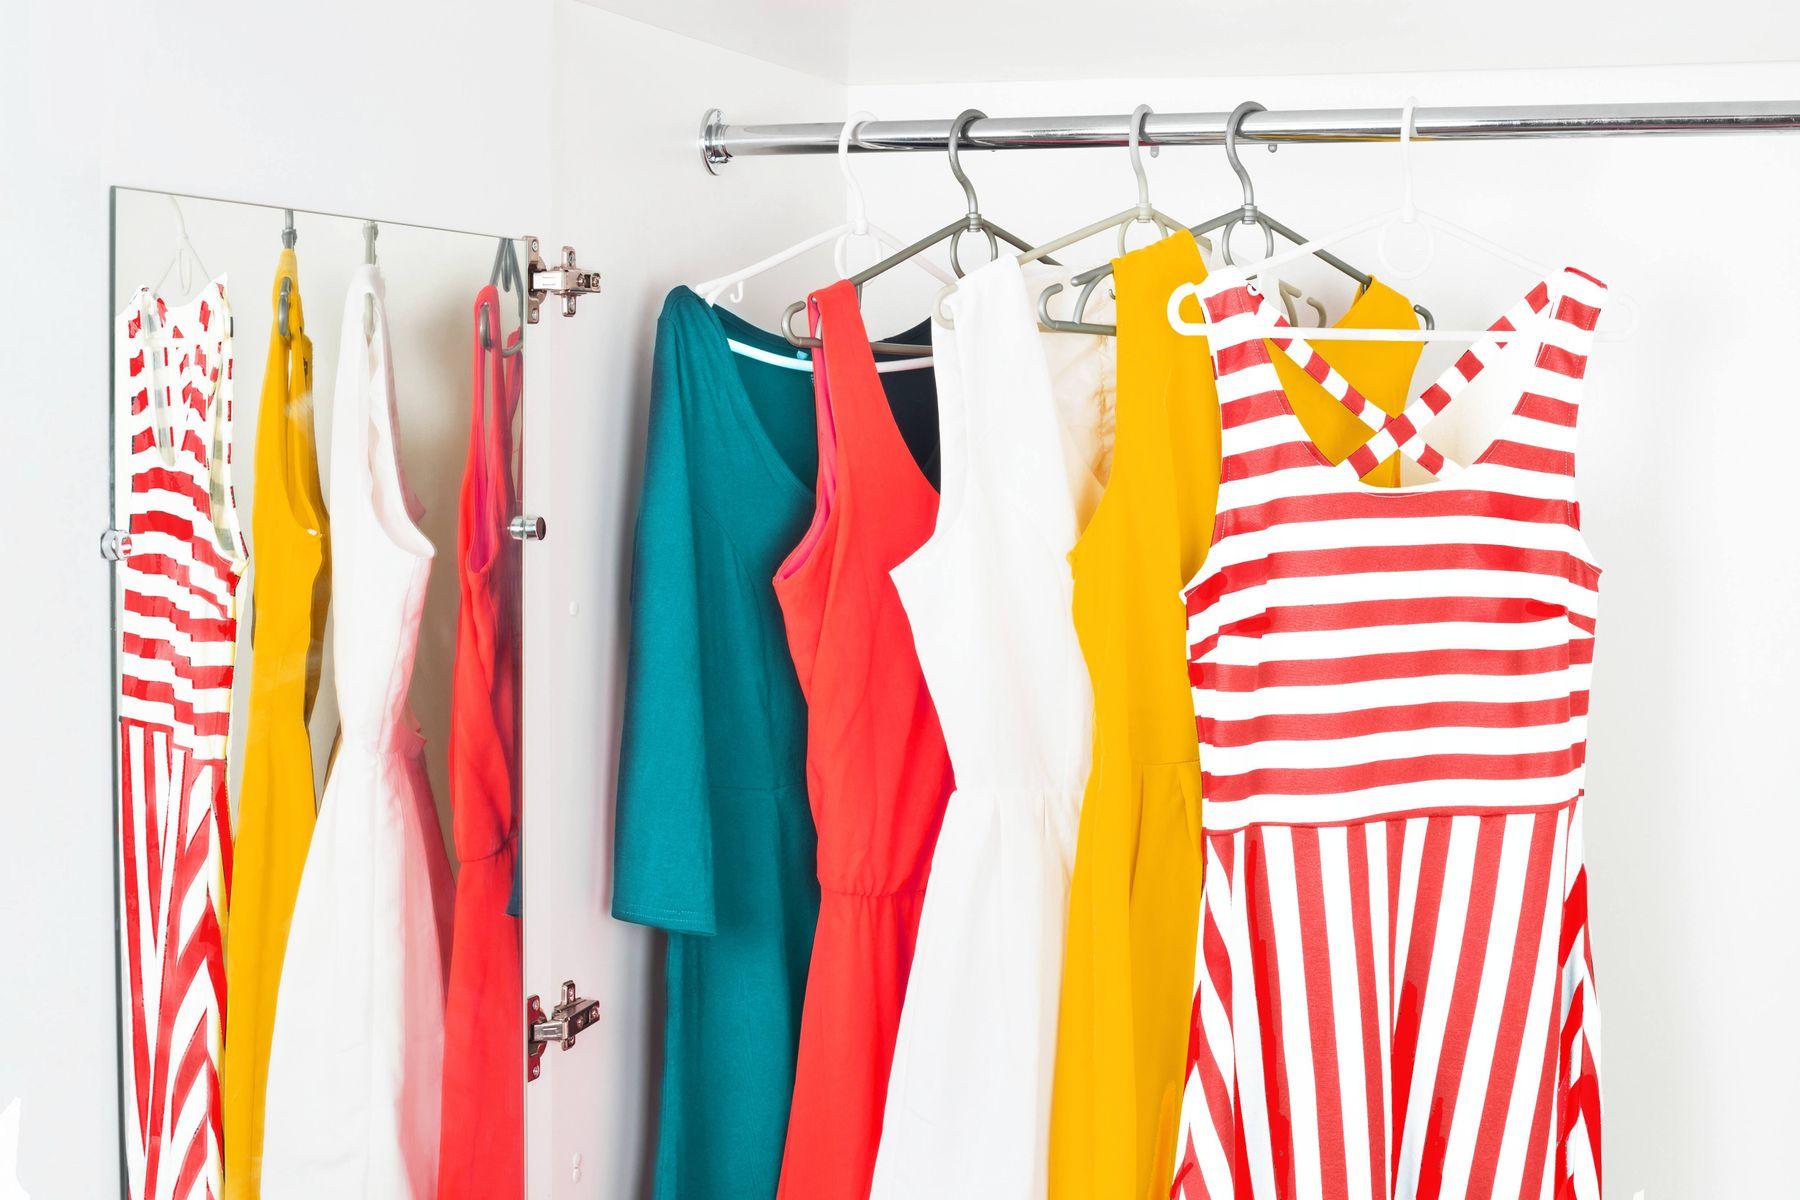 kolorowe ubrania wiszące na wieszakach w szafie